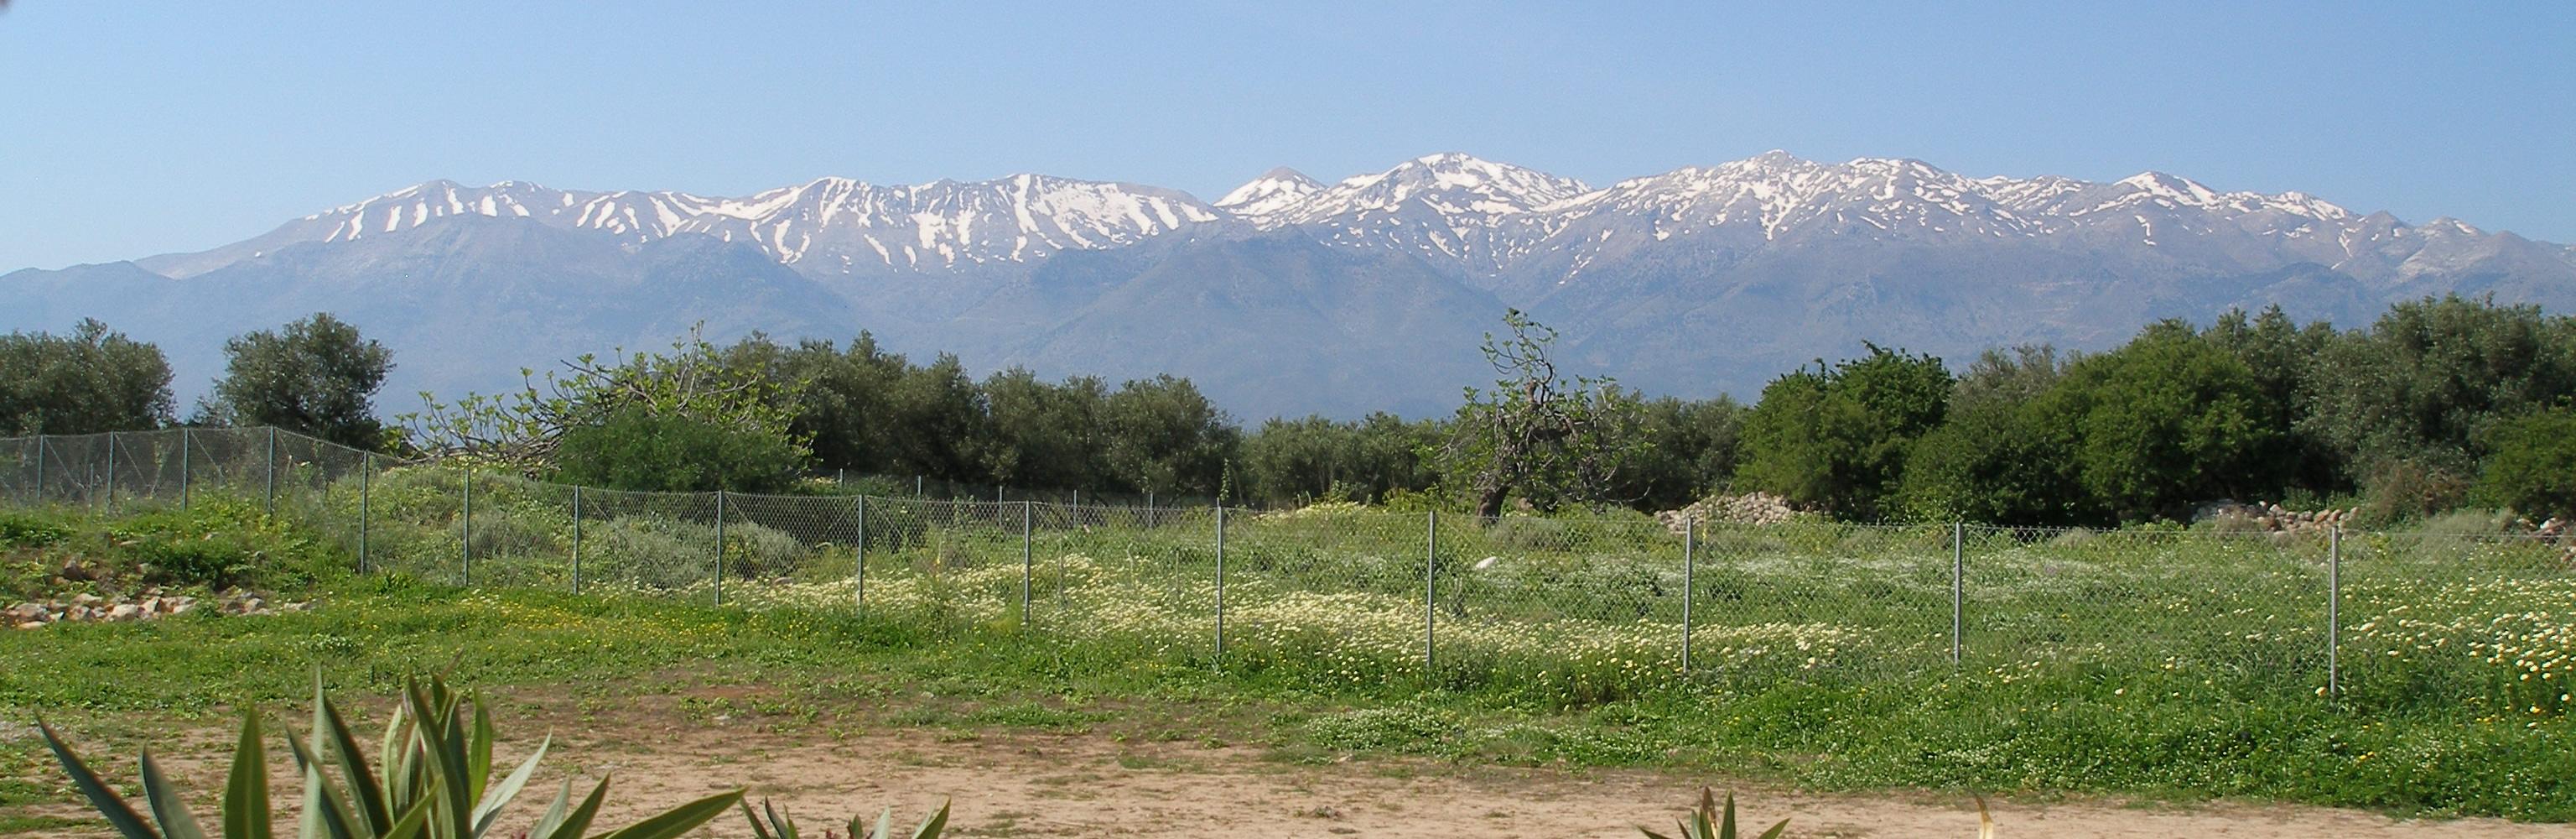 Λευκά Όρη, Κρήτη